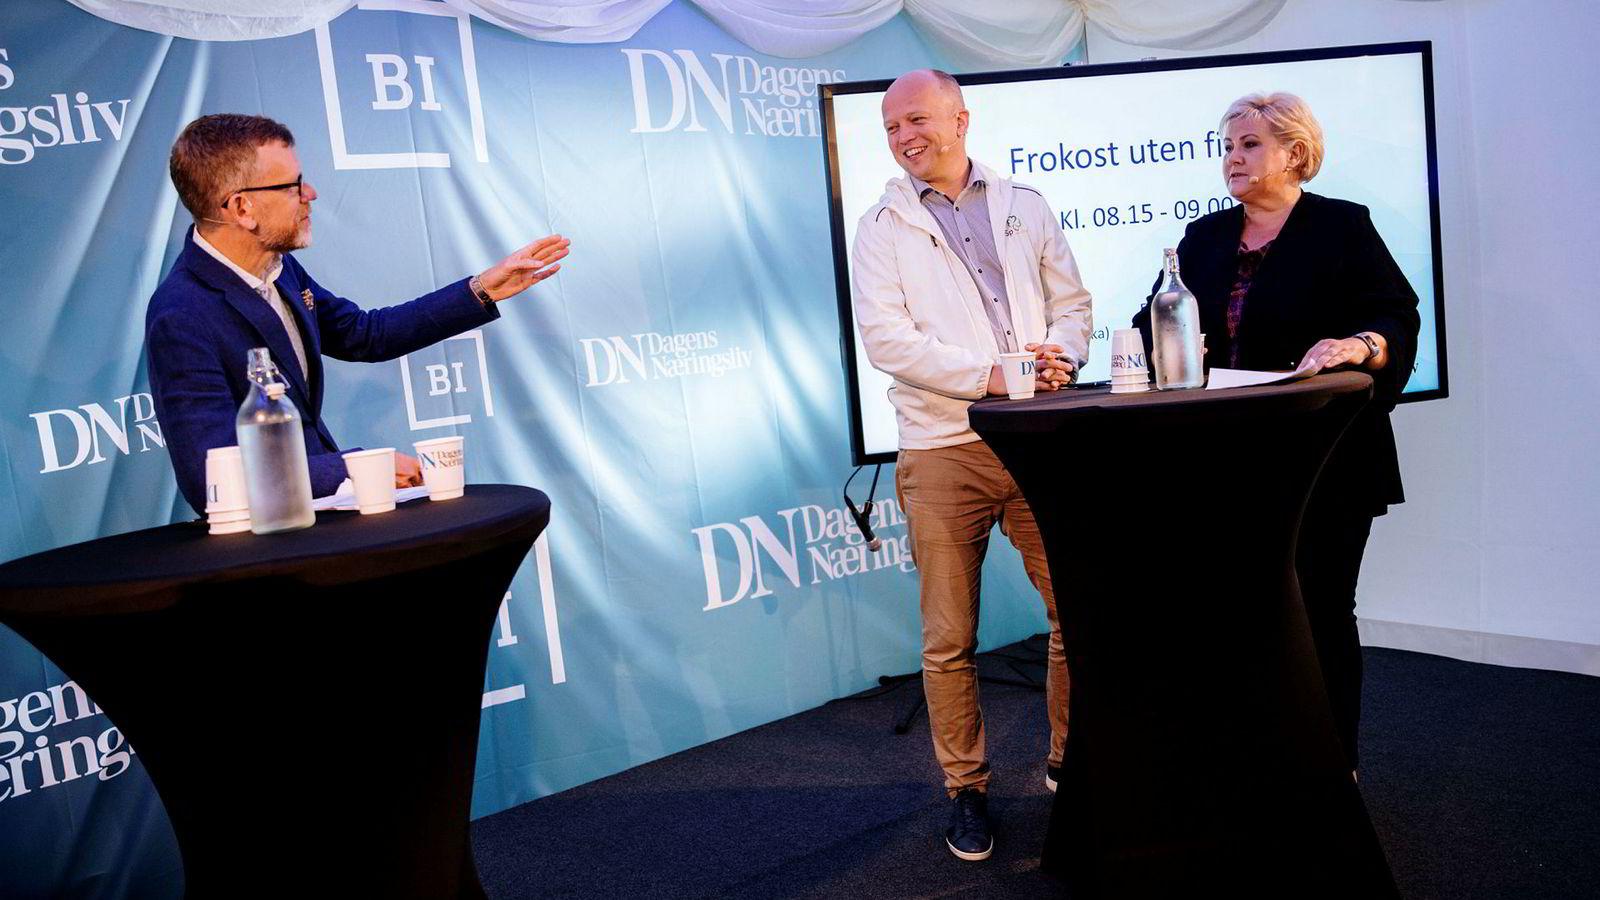 Fra venstre: Kjetil Bragli Alstadheim, politisk redaktør i DN, Trygve Slagsvold Vedum og Erna Solberg fra «Frokost uten filter».